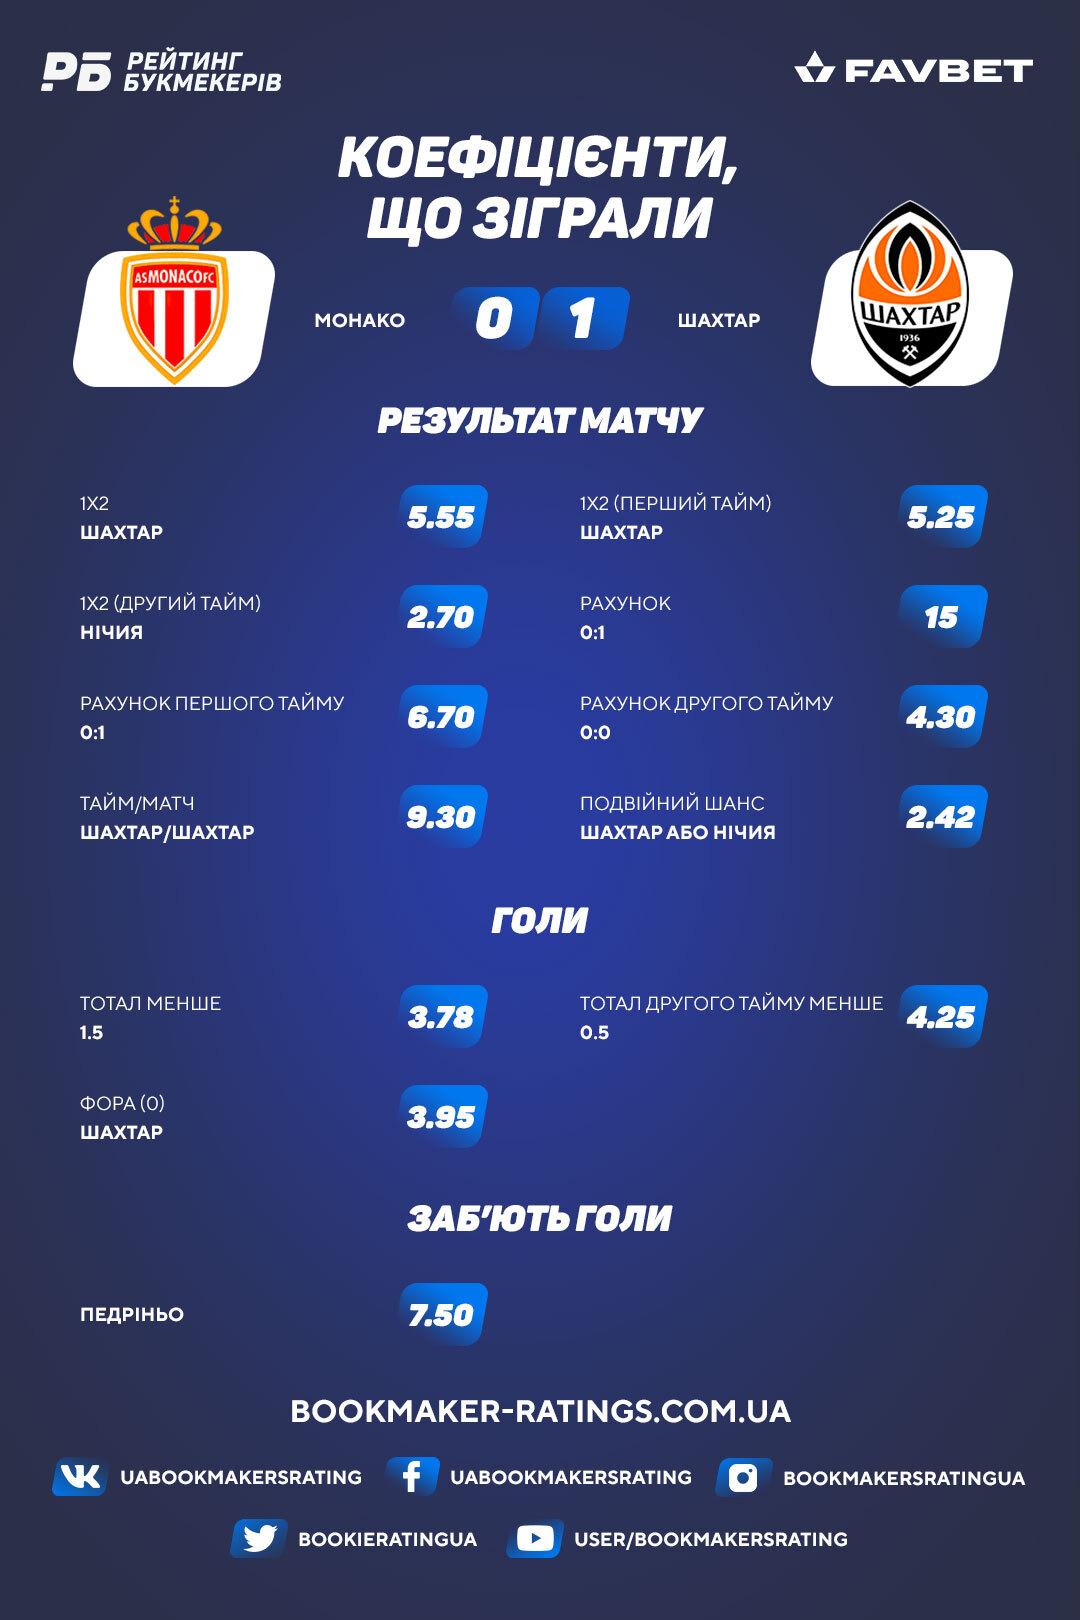 Коефіцієнти, що зіграли в матчі «Монако» - «Шахтар» (0:1)